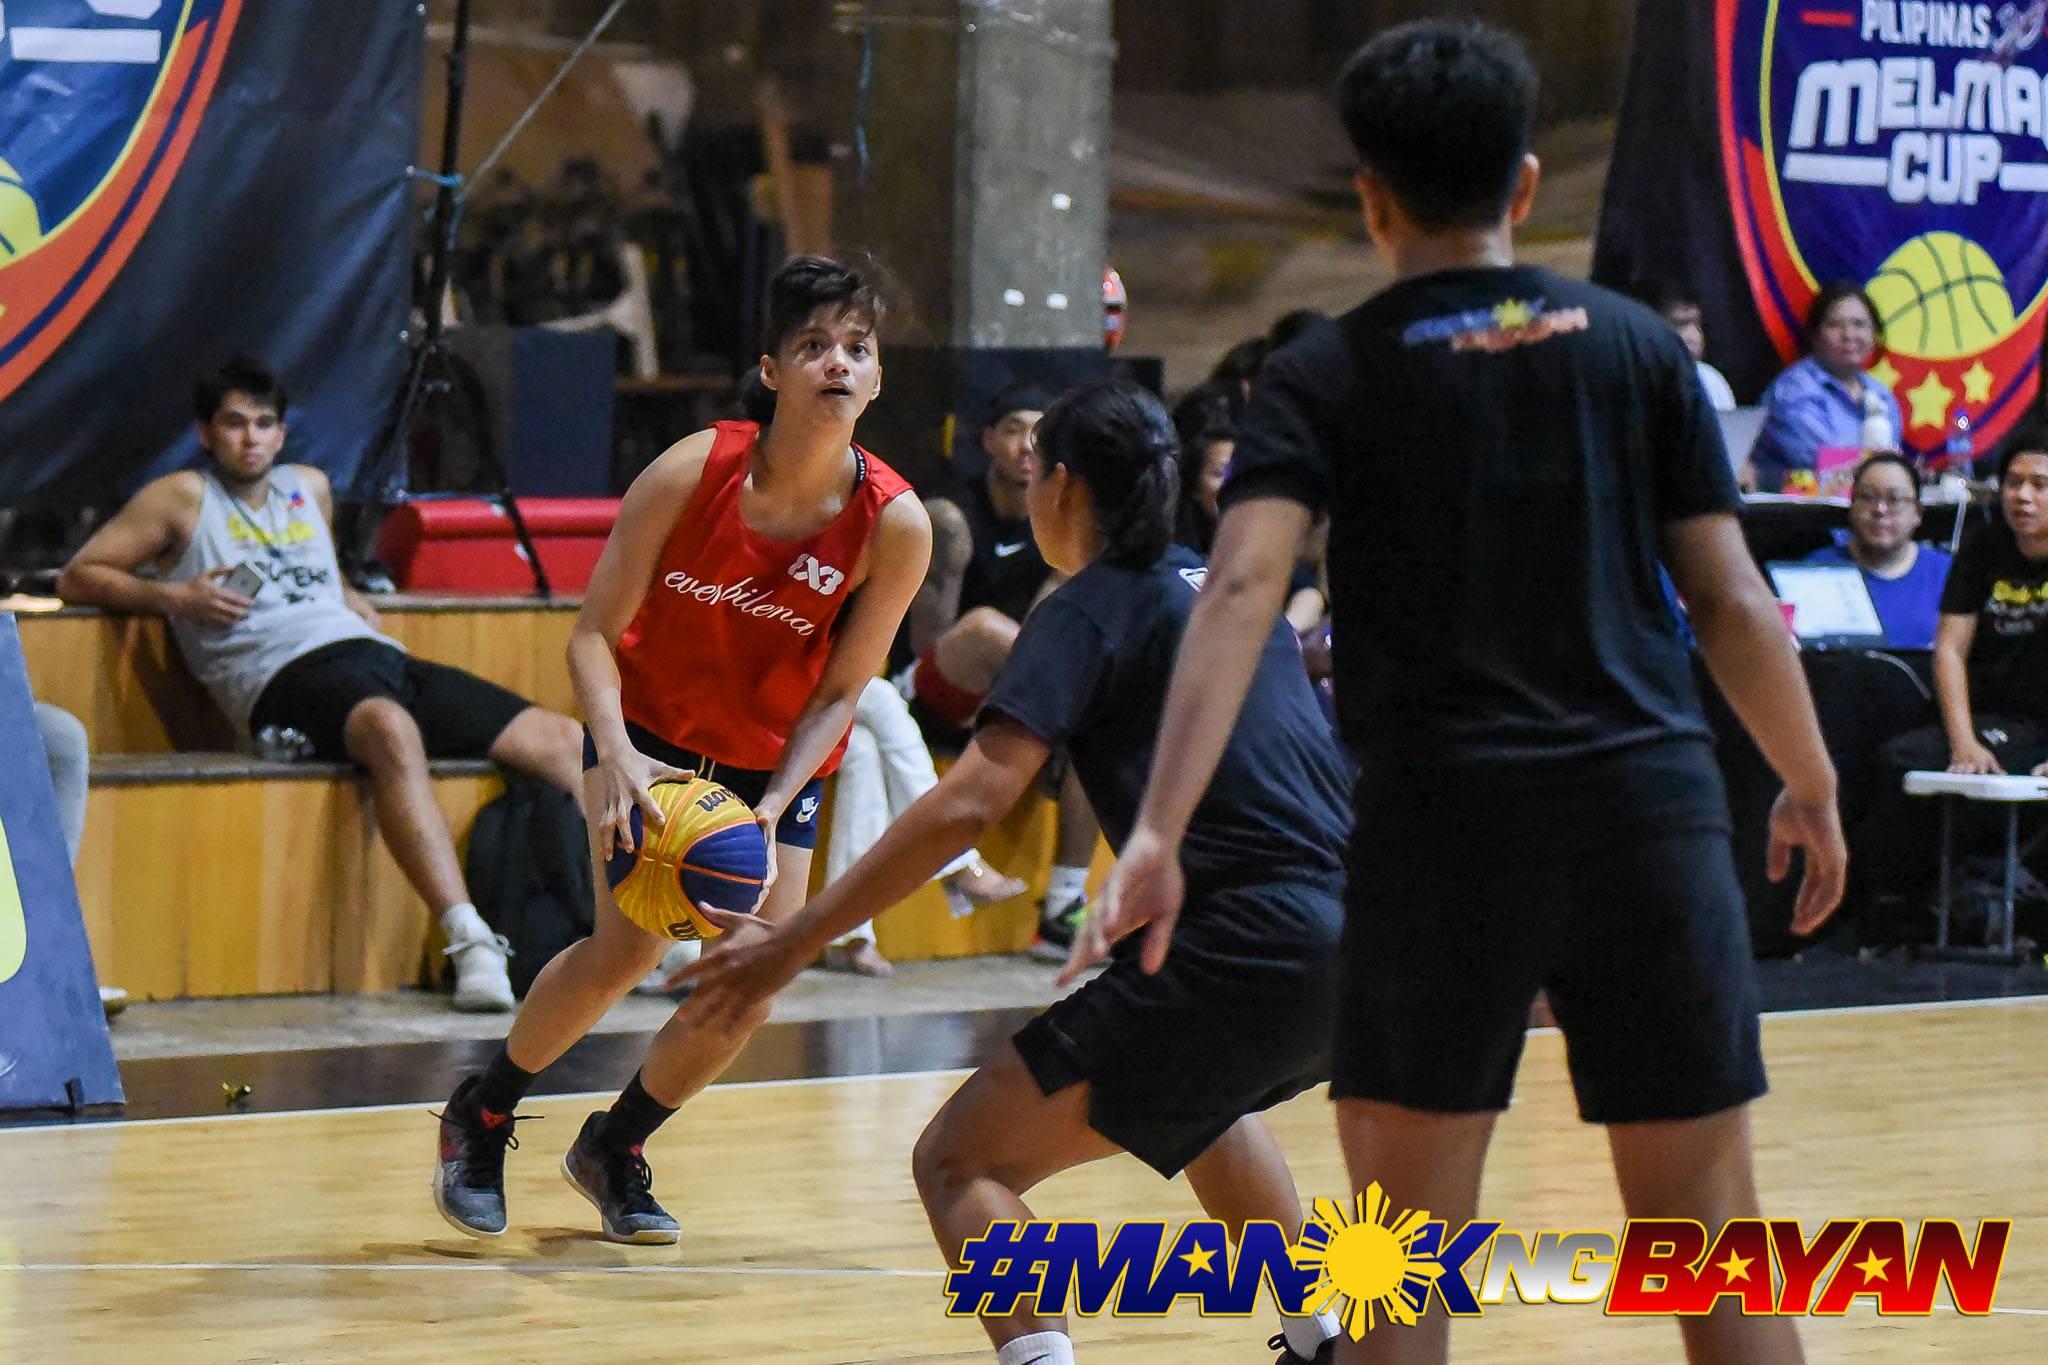 chooks-melmac-cup-leg-6-ever-bilena-def-careline-afril-bernardino Animam, Bernardino, Castro, Guytingco continue call for pro women's league Basketball News  - philippine sports news